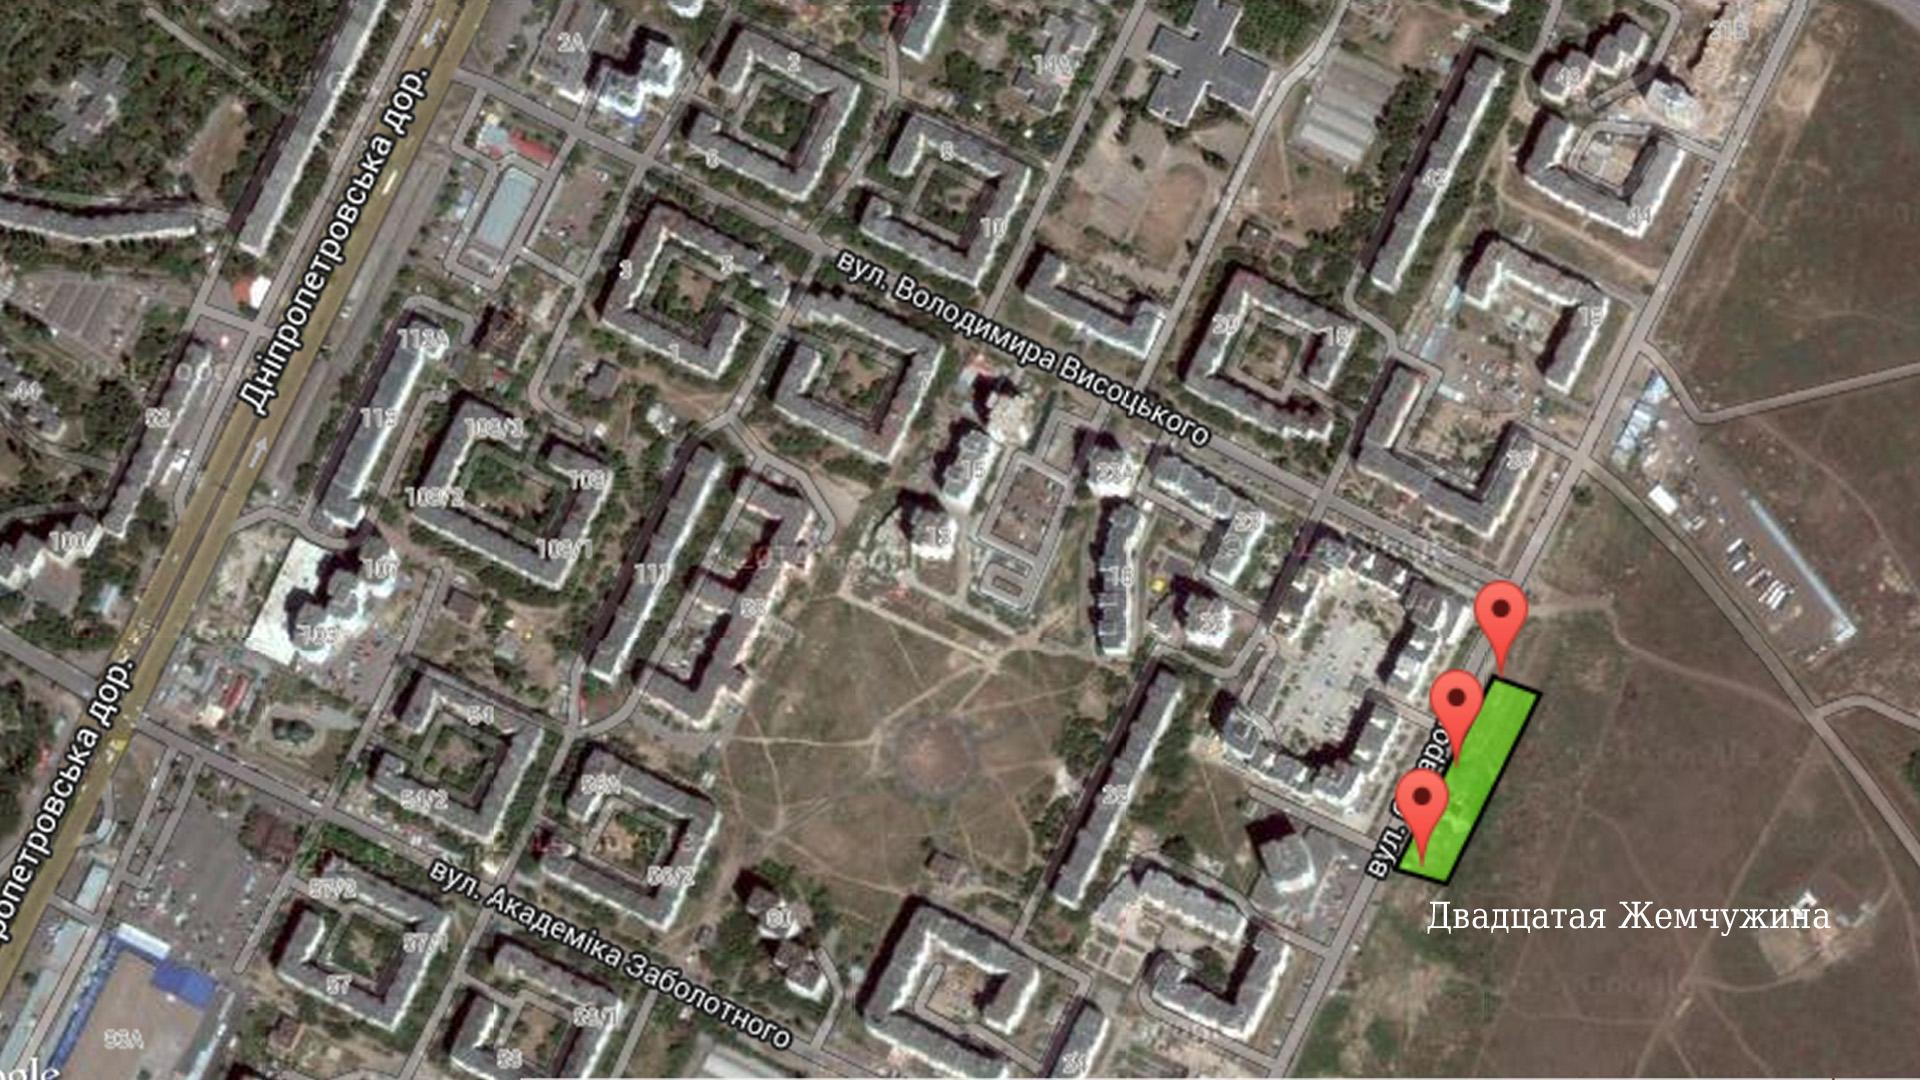 20 жемчужина на карте новостроек Одессы